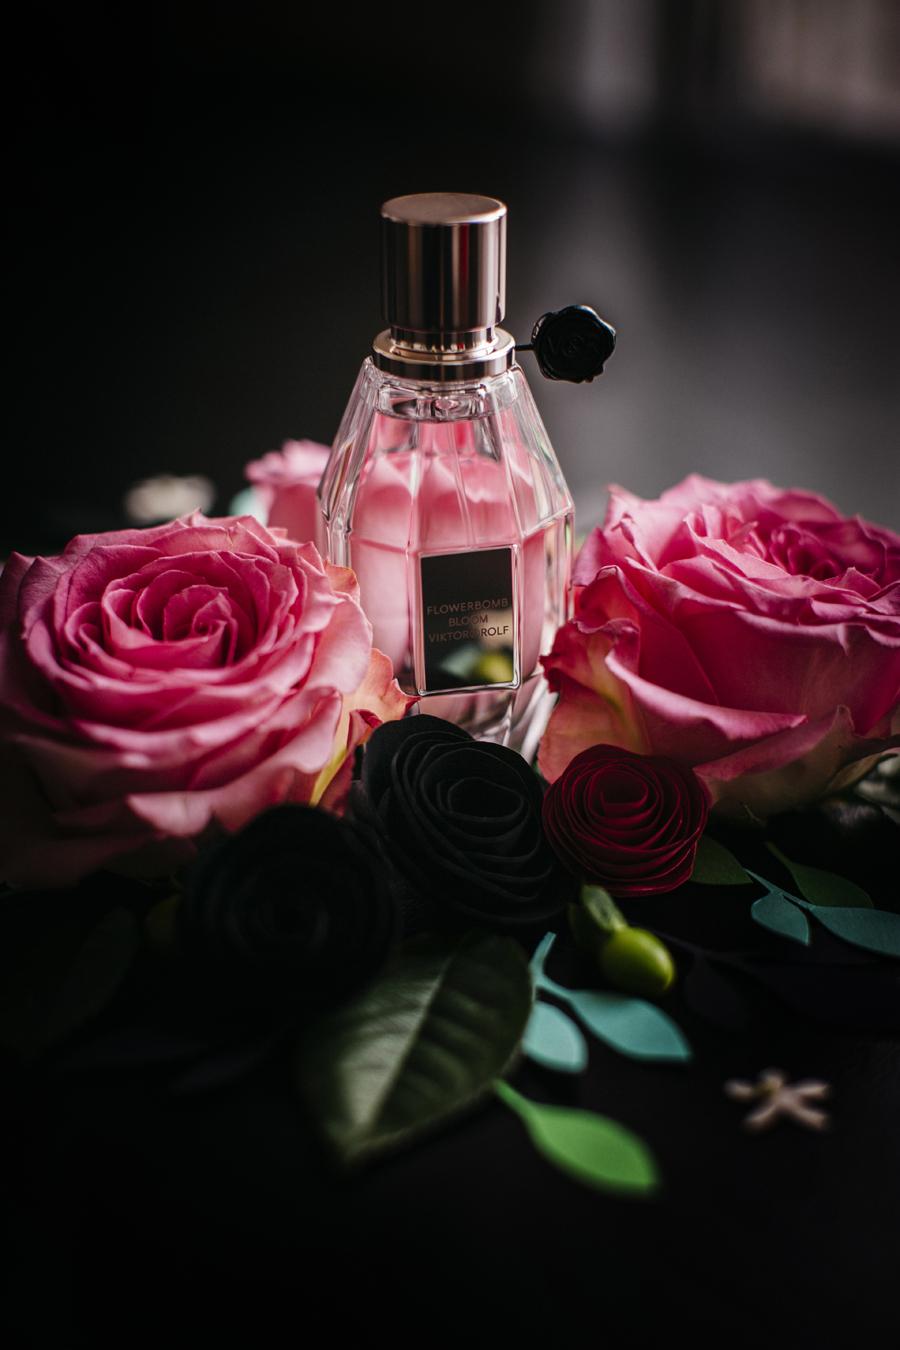 flowerbomb_bloom_viktor_&_rolf_parfum_5